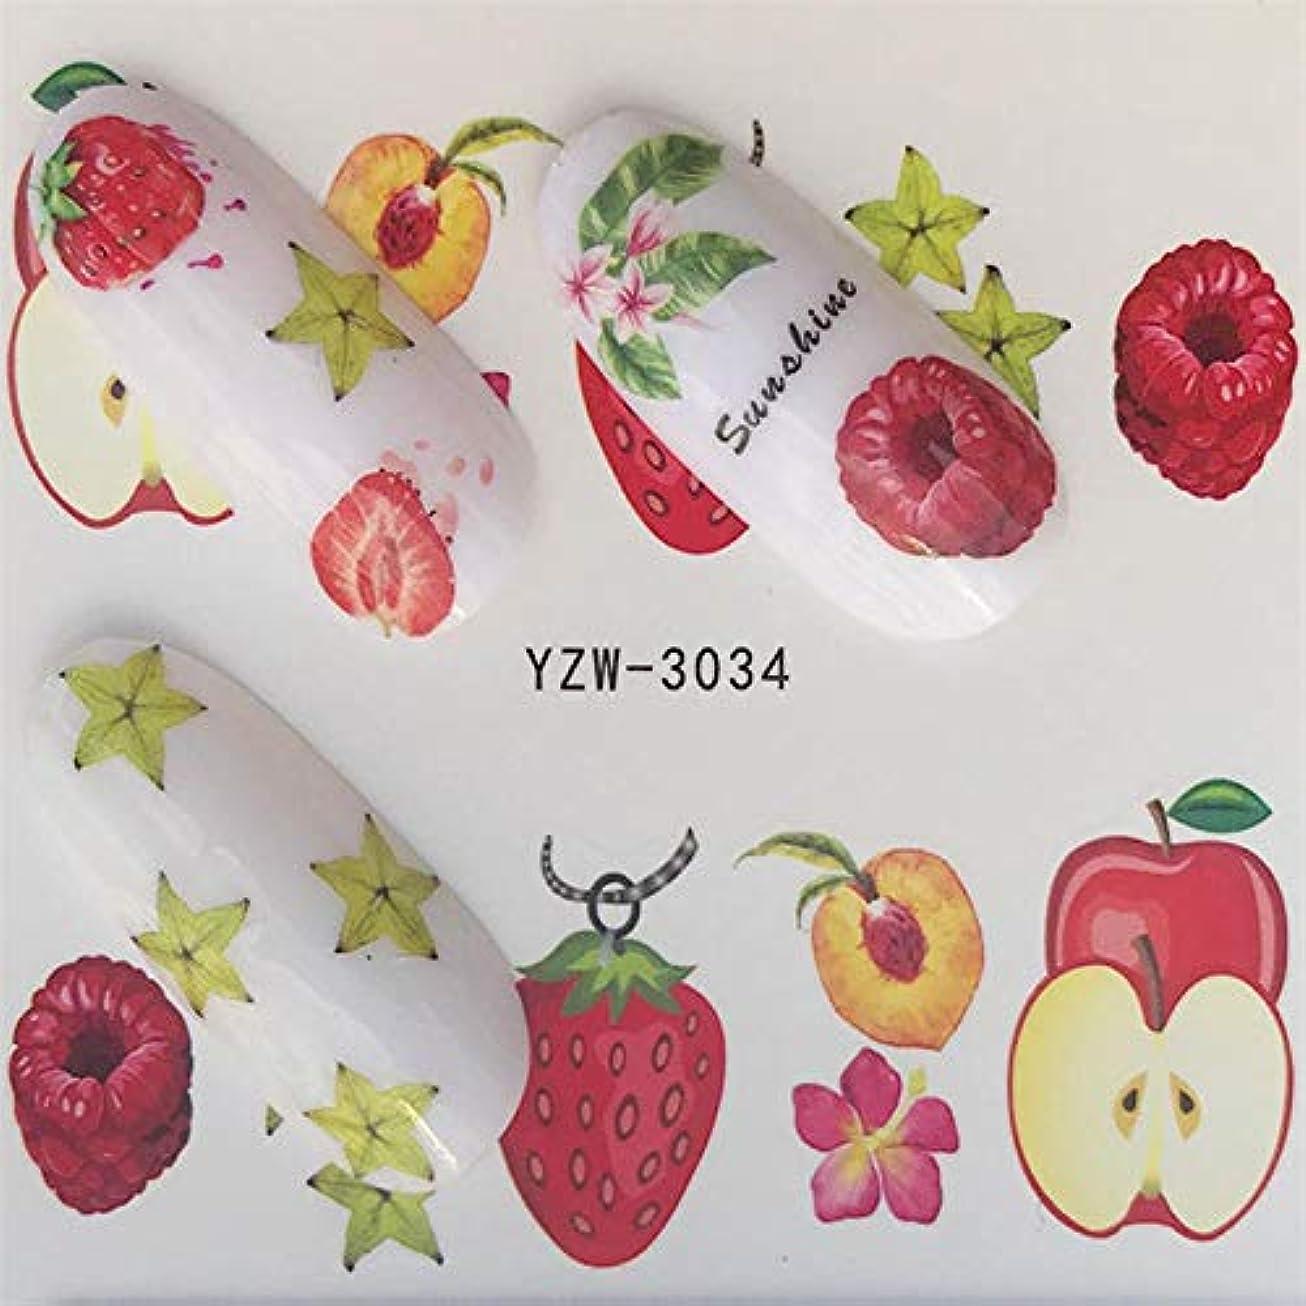 人柄いろいろ粘土SUKTI&XIAO ネイルステッカー 1ピース漫画フラミンゴ/花/果物水転写ステッカーネイルアートデカールラップヒントマニキュアツール、Yzw-3034